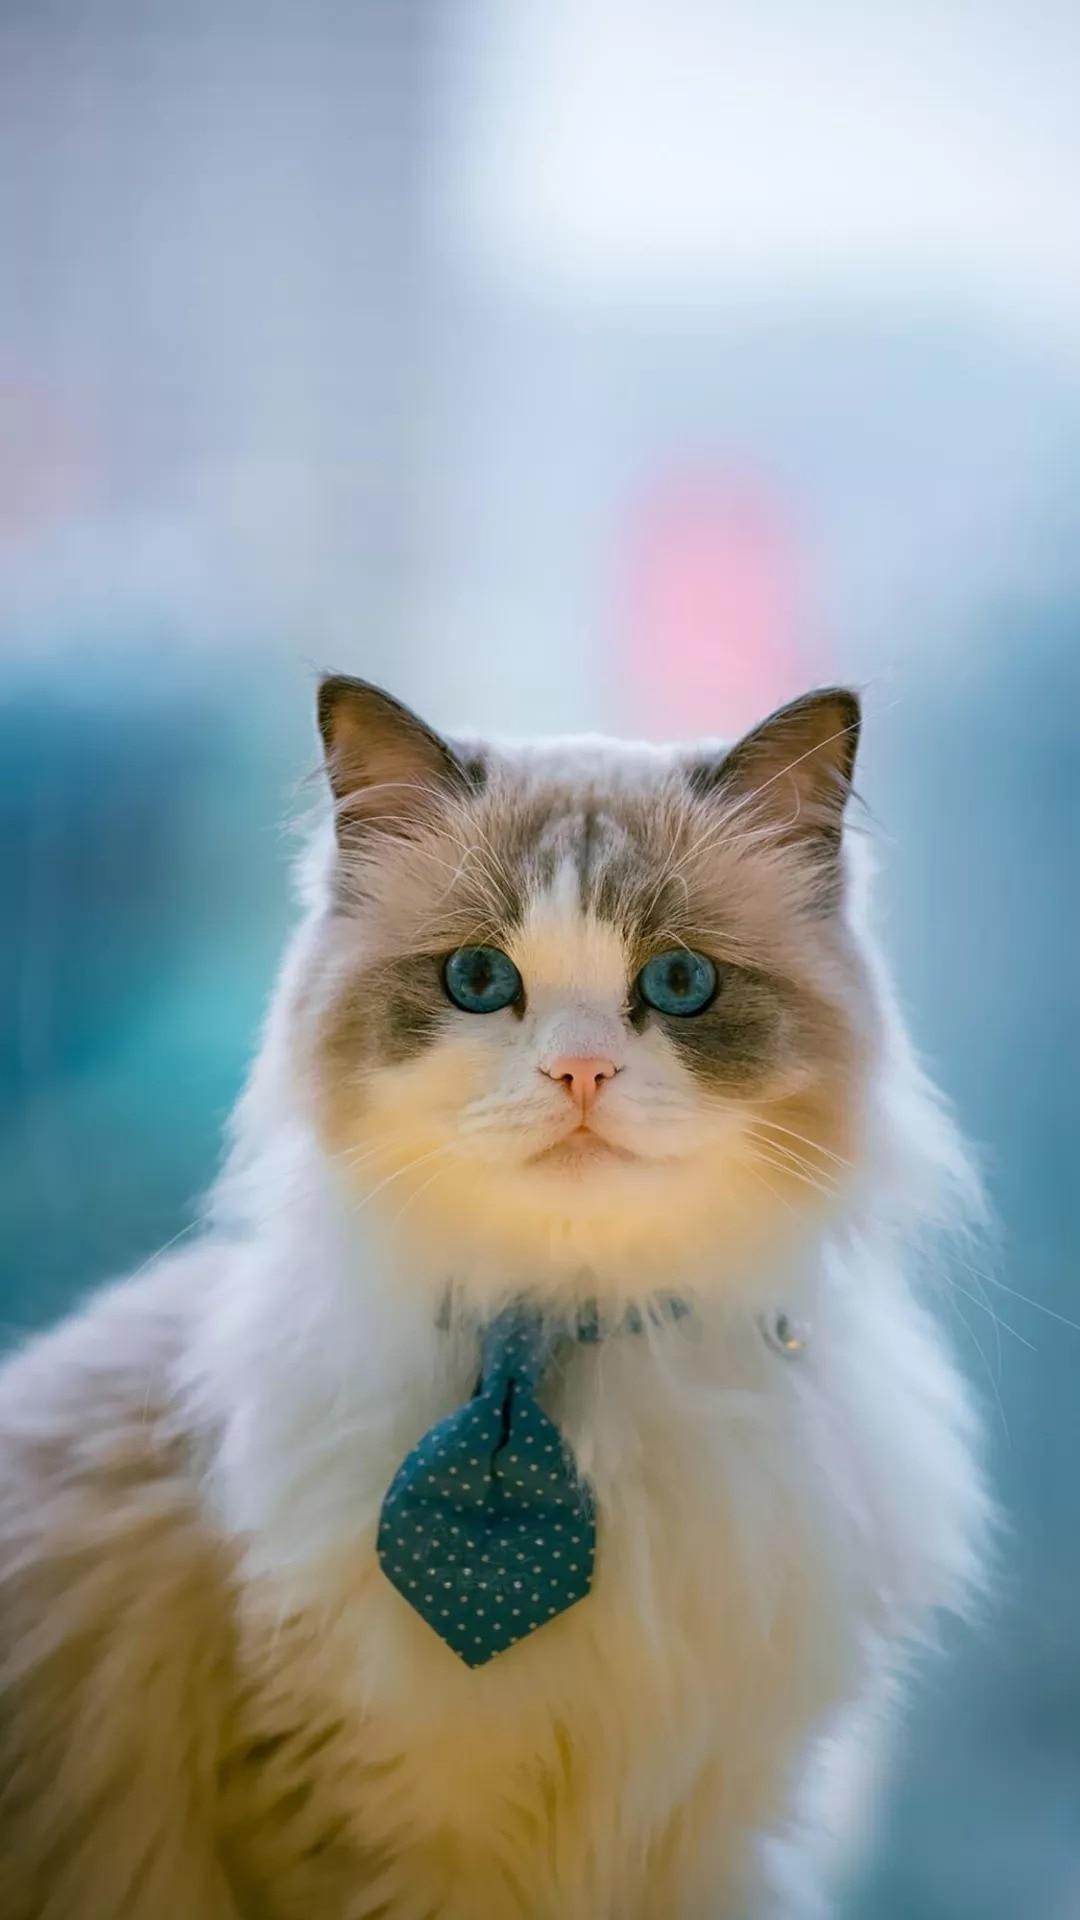 猫片壁纸 :生活不断拍打我们的脸皮,最后不是脸皮厚了,是肿了!插图81